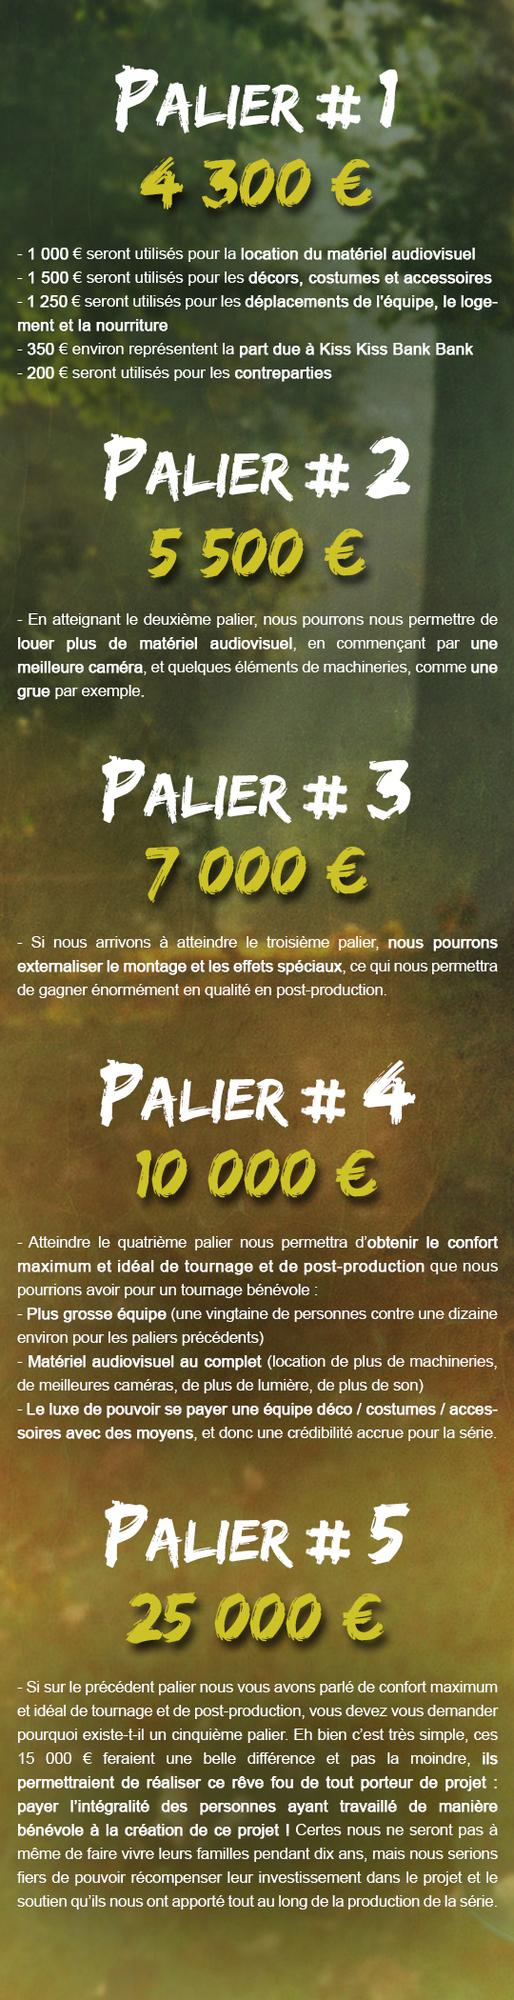 Paliers-1452825644